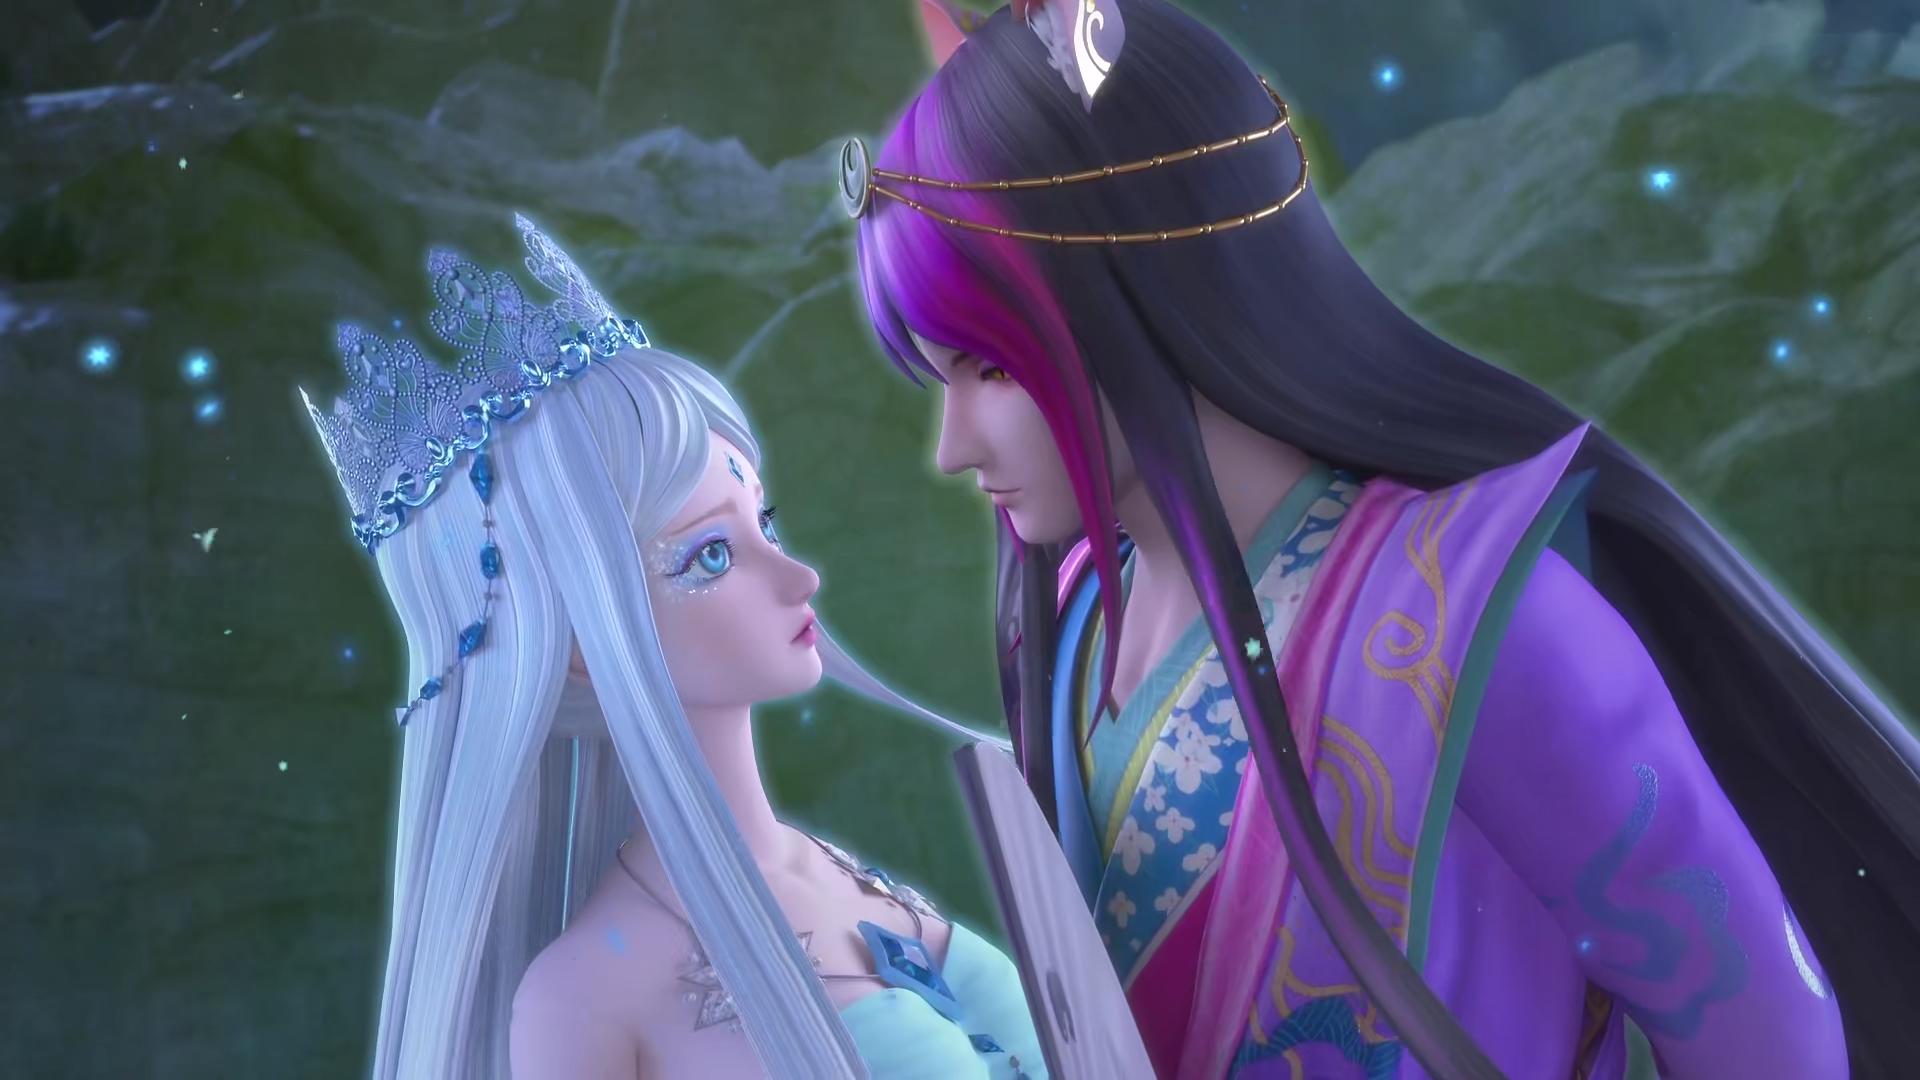 精灵梦叶罗丽中的5大亲密瞬间,冰公主占了两个,水王子王默最甜图片